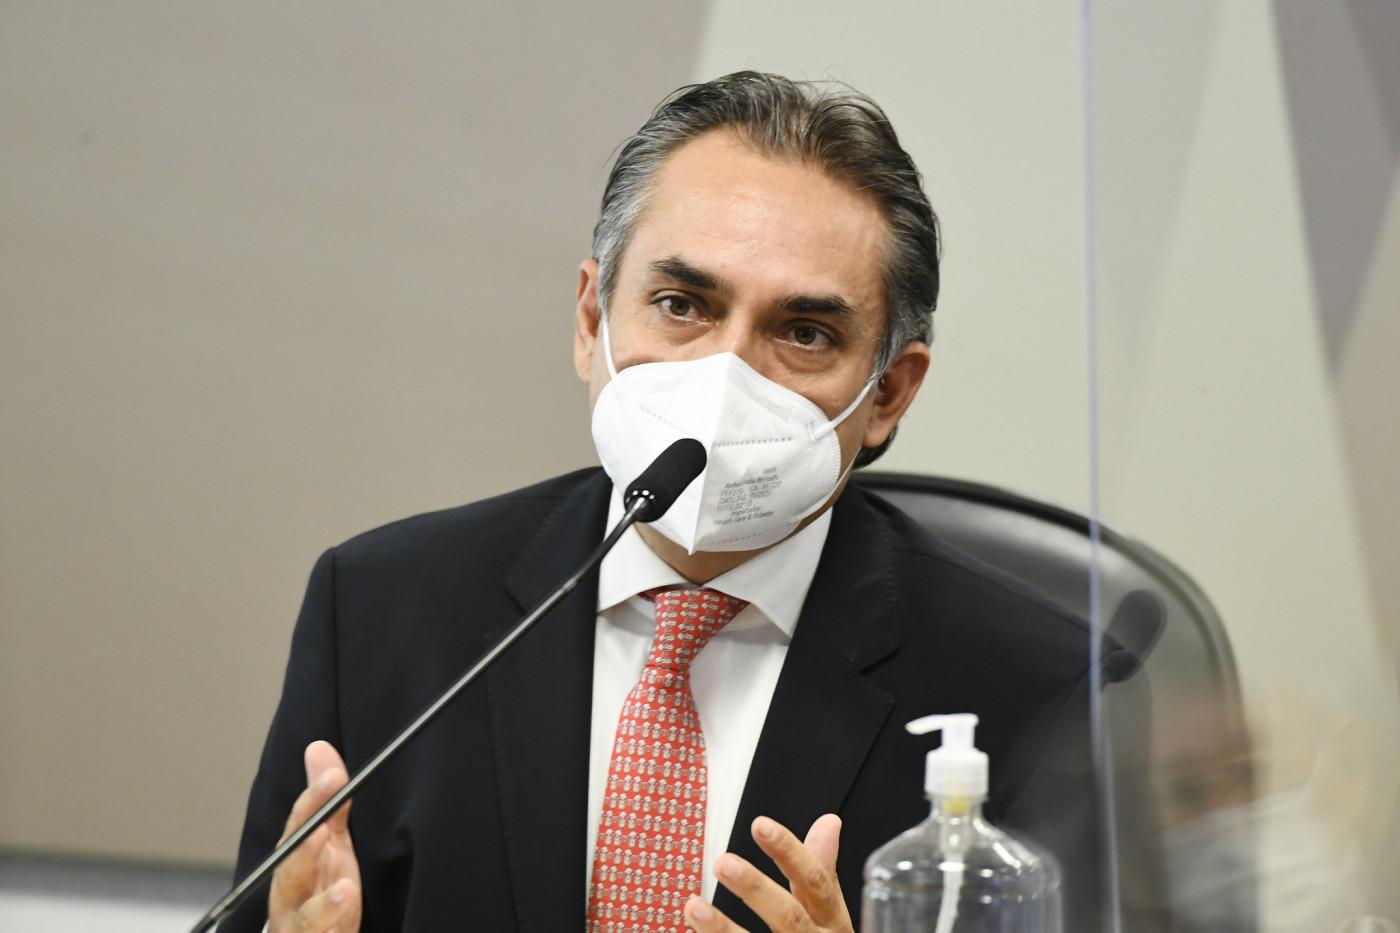 Gerente-geral da Pfizer na América Latina depõe à CPI